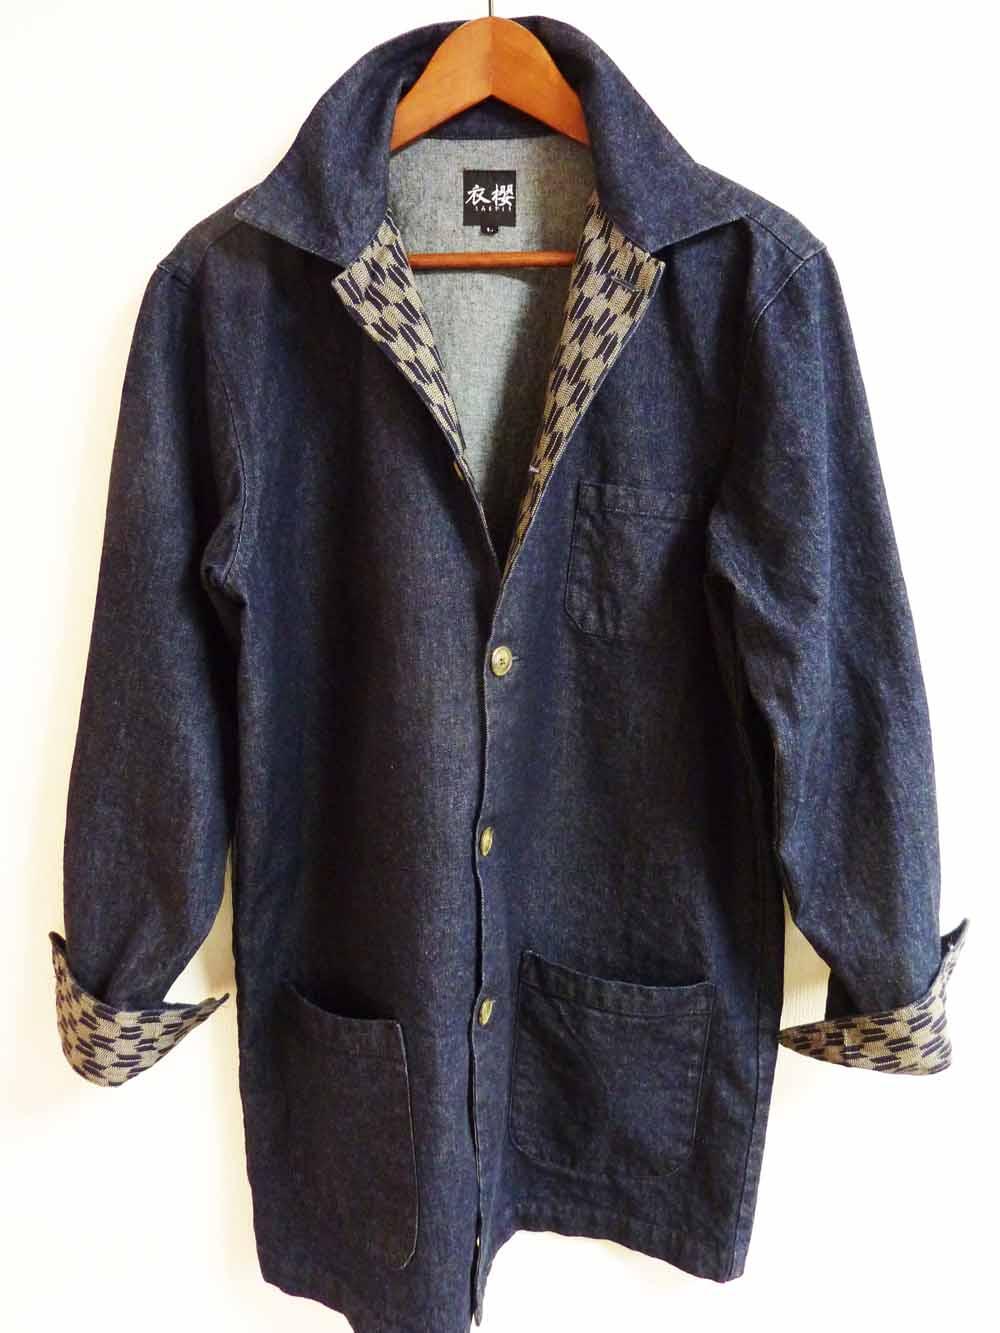 衣櫻 SA-1167 デニムシャツ和柄長袖シャツ/19800円/納期9月中旬